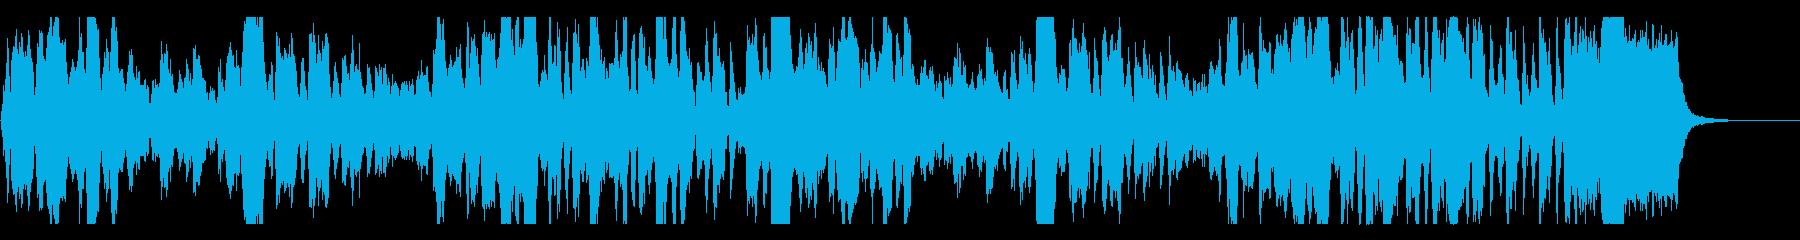 クラシカル/格式高い城・宮殿/RPGの再生済みの波形